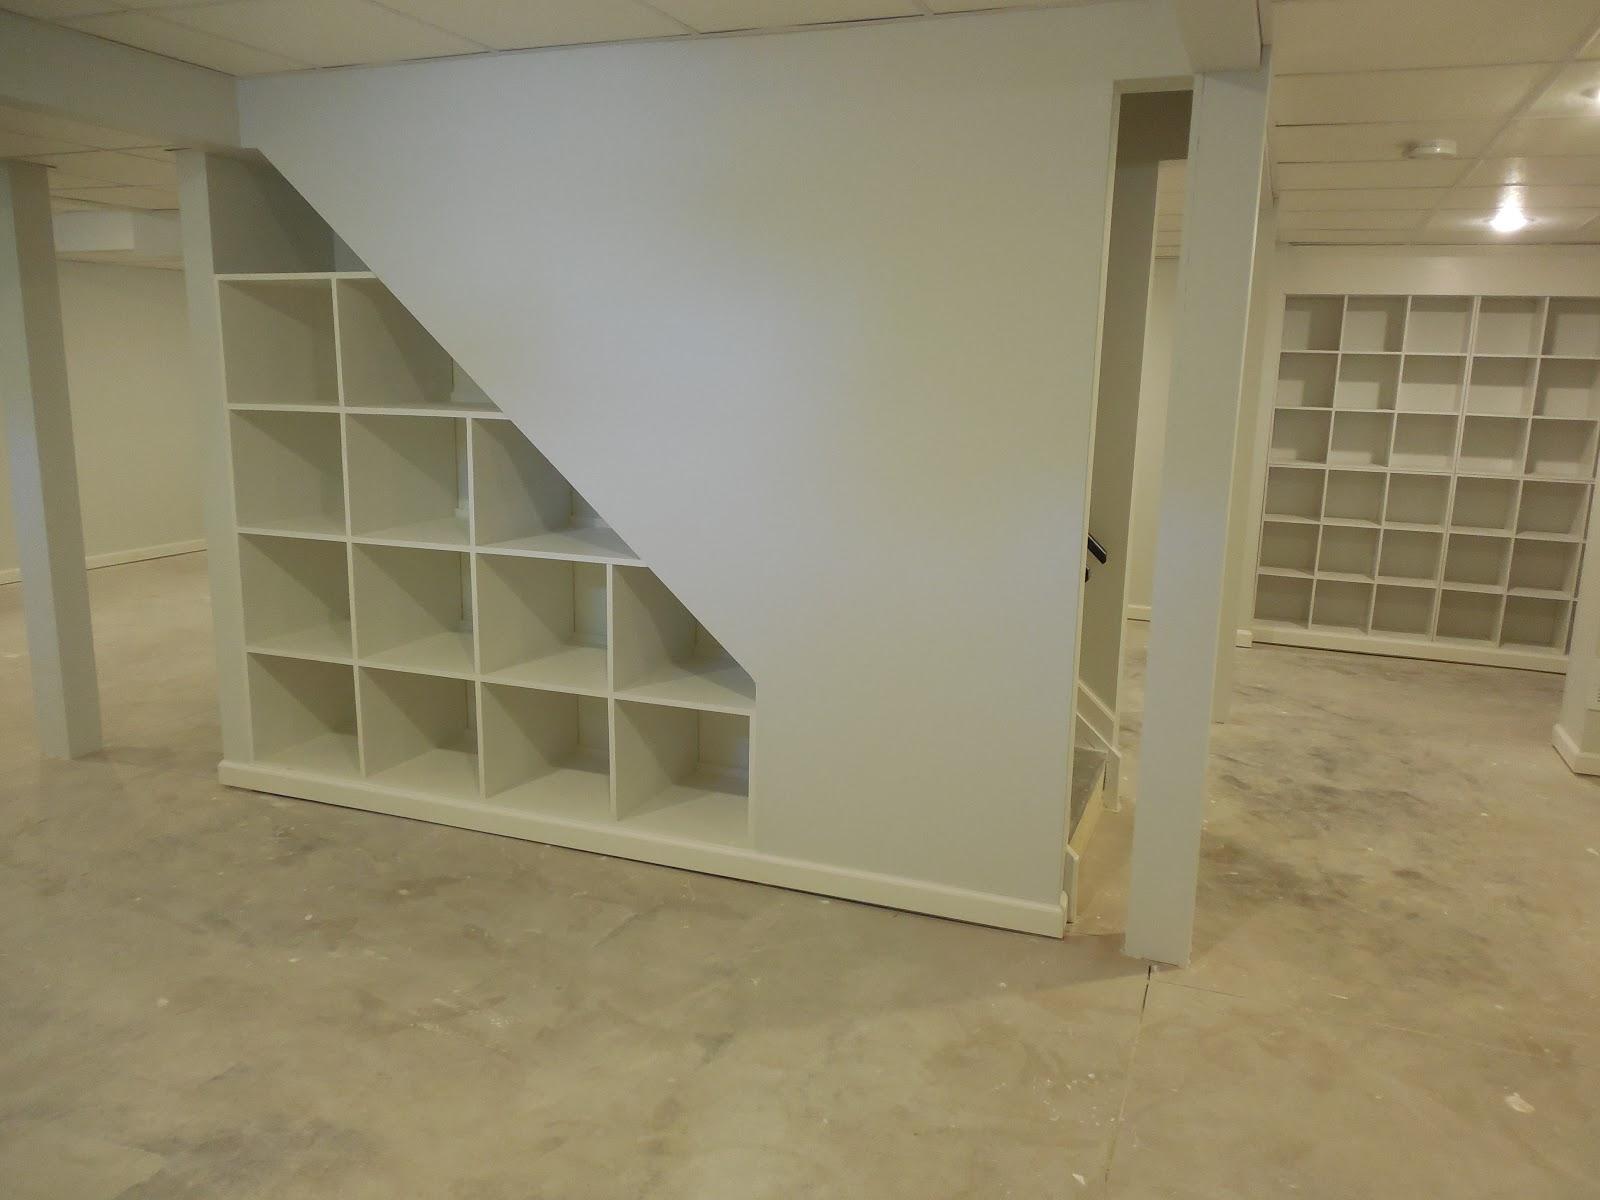 simple dwellings sneak peek of our finished basement